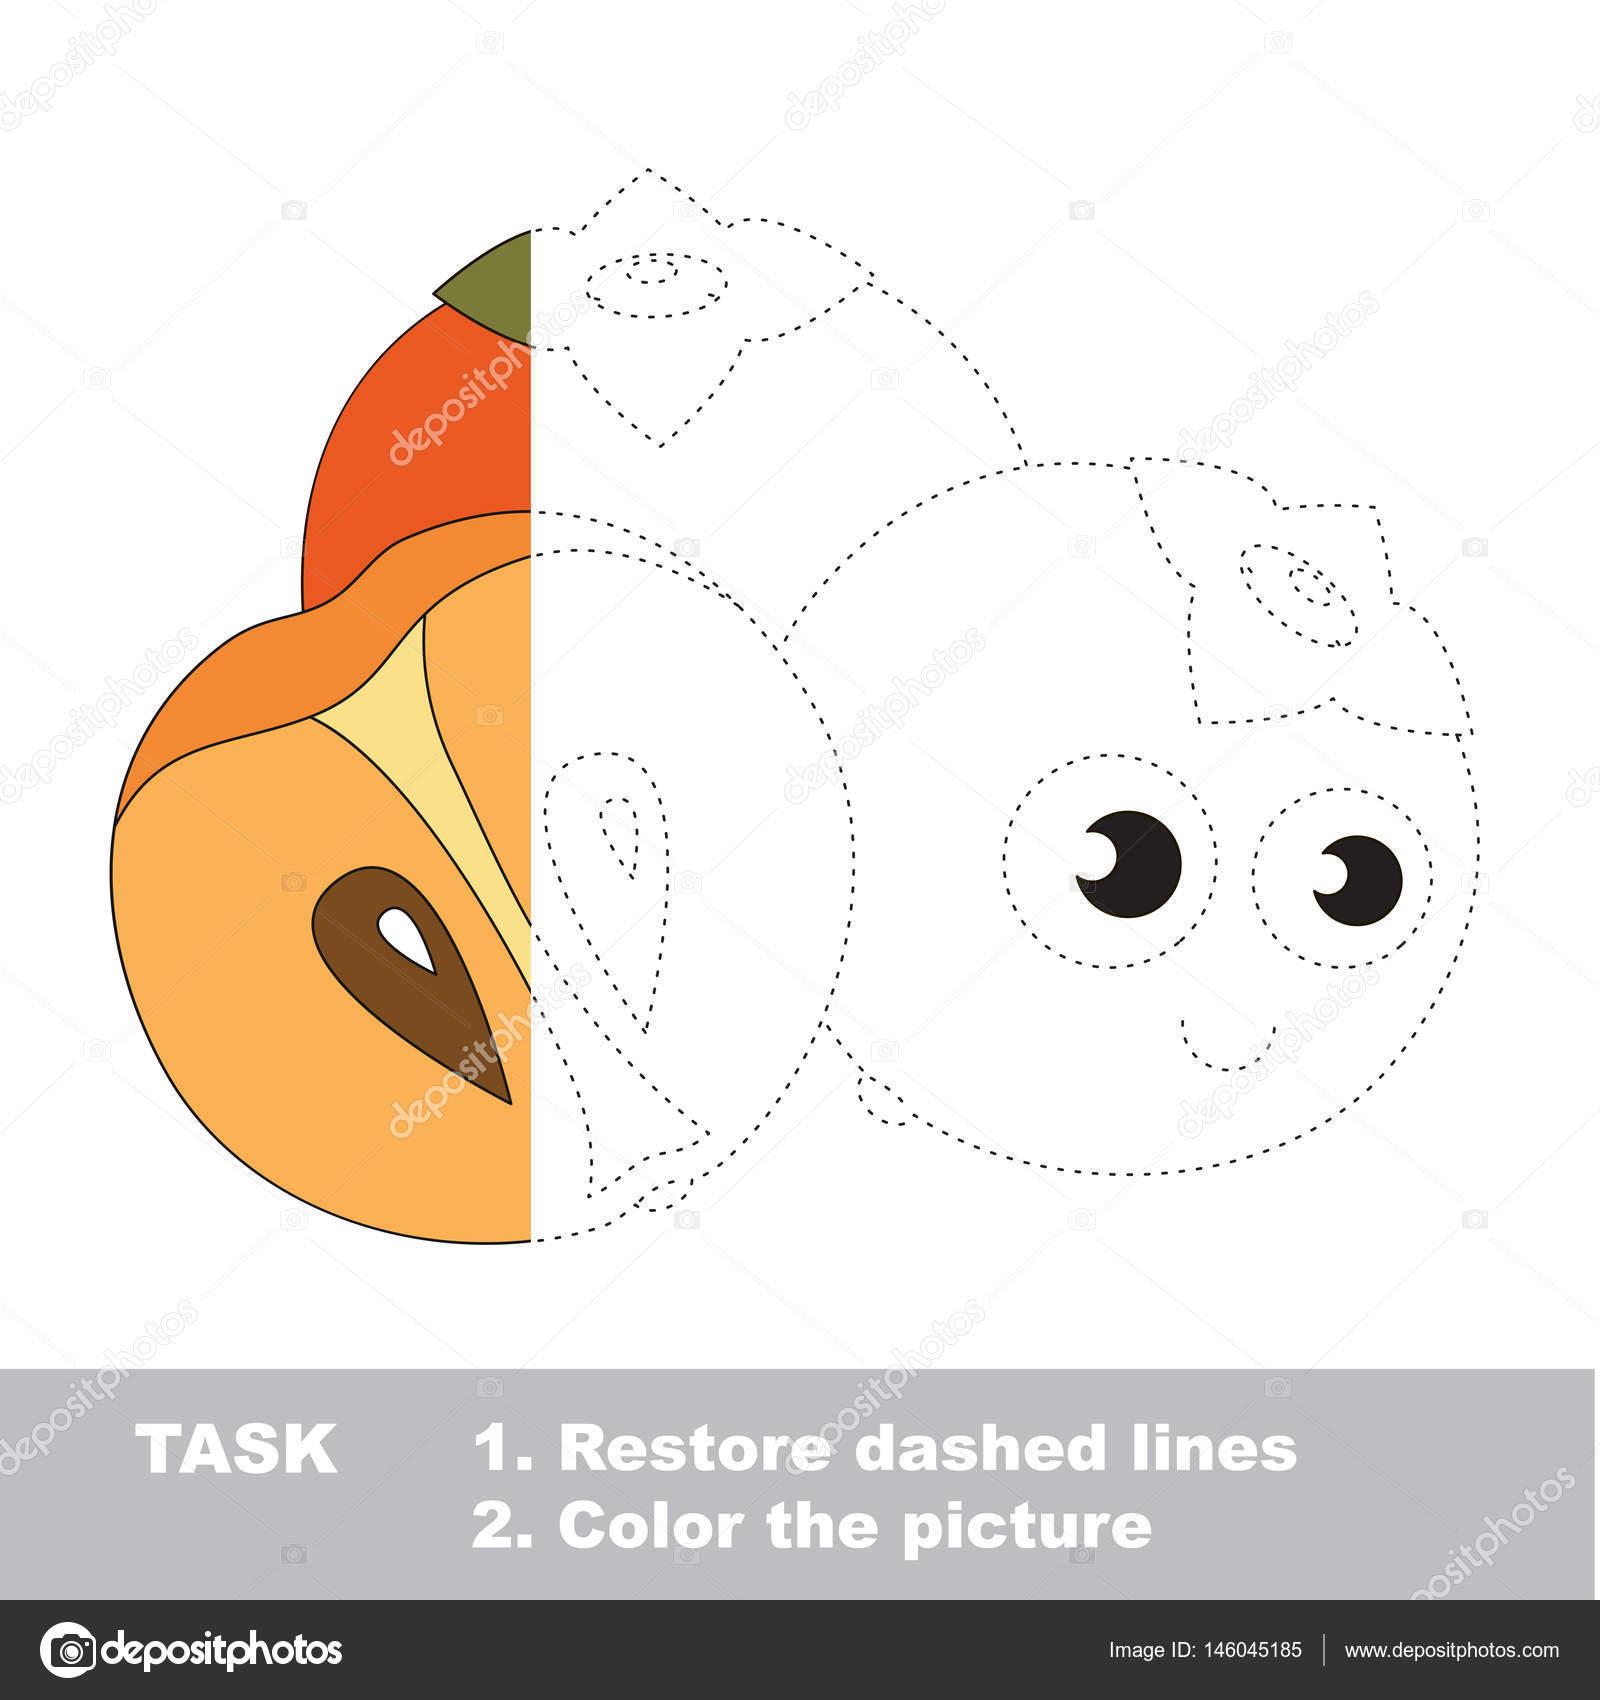 Coloriage Fruit Kaki.Sweet Kaki A Colorier Jeu De Traces Vecteur Image Vectorielle